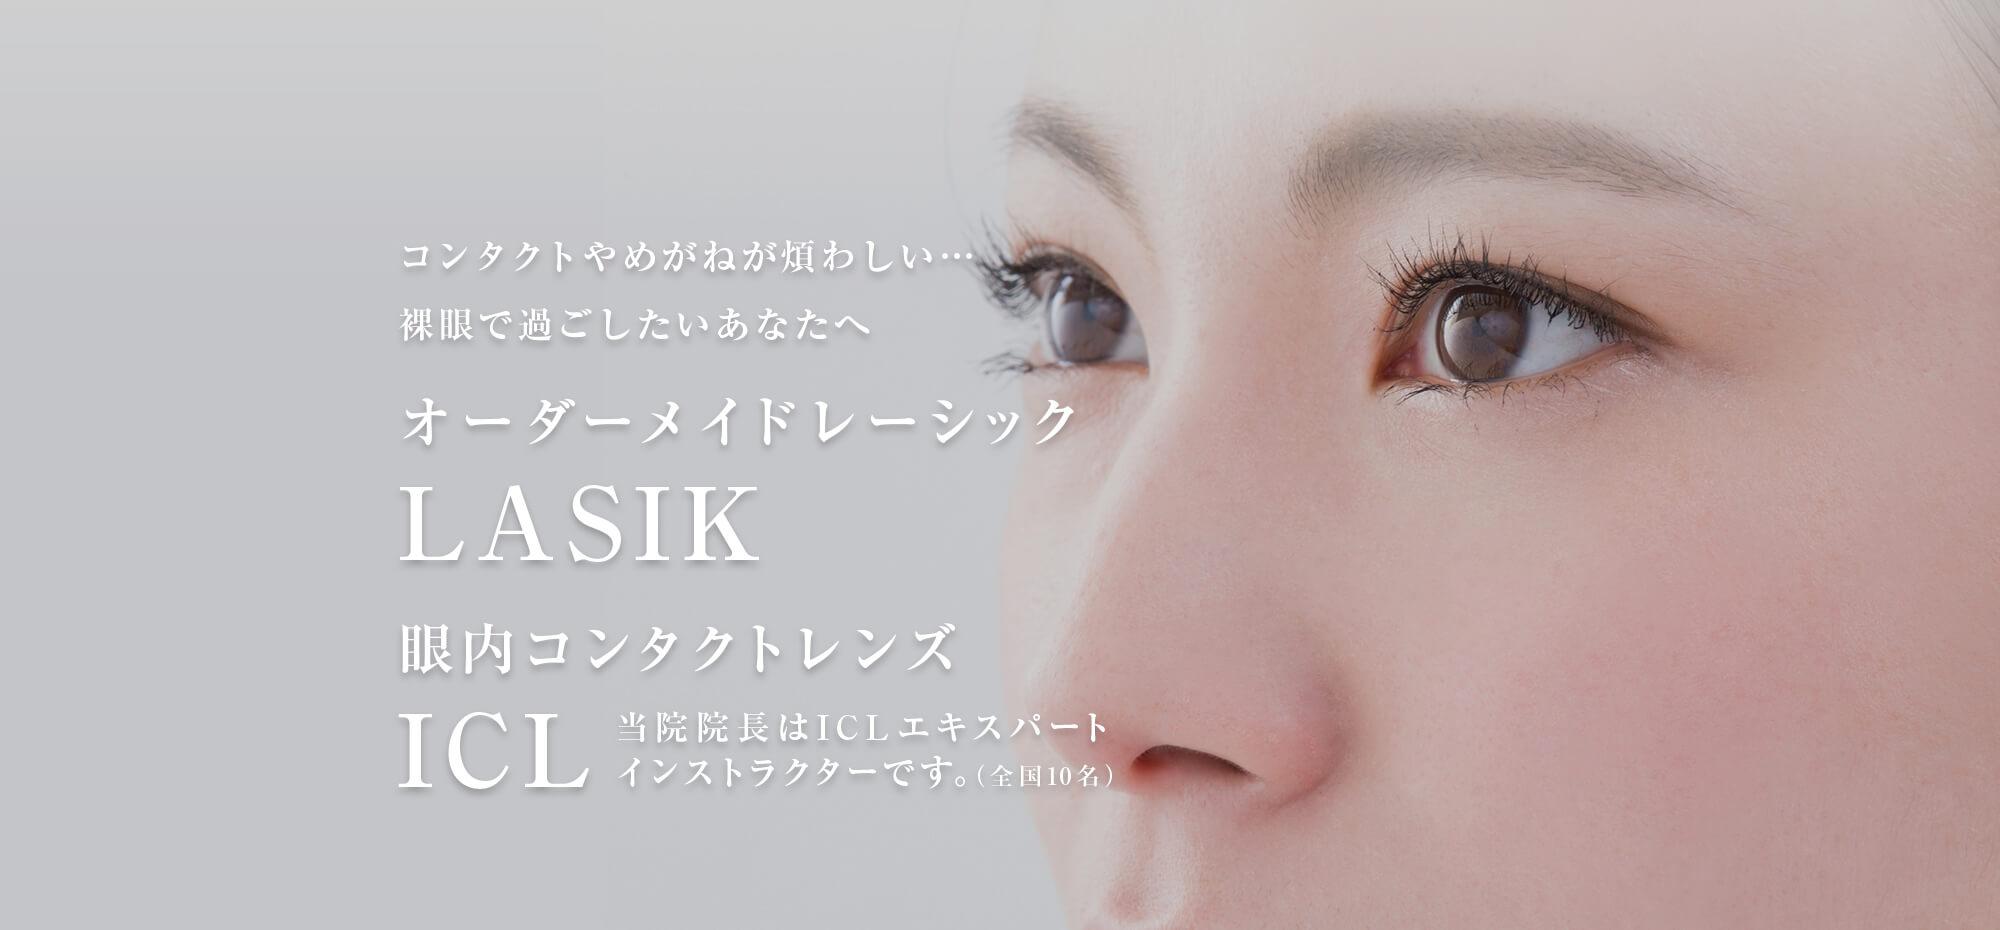 コンタクトやめがねが煩わしい…裸眼で過ごしたいあなたへ オーダーメイドレーシック・眼内コンタクトレンズ